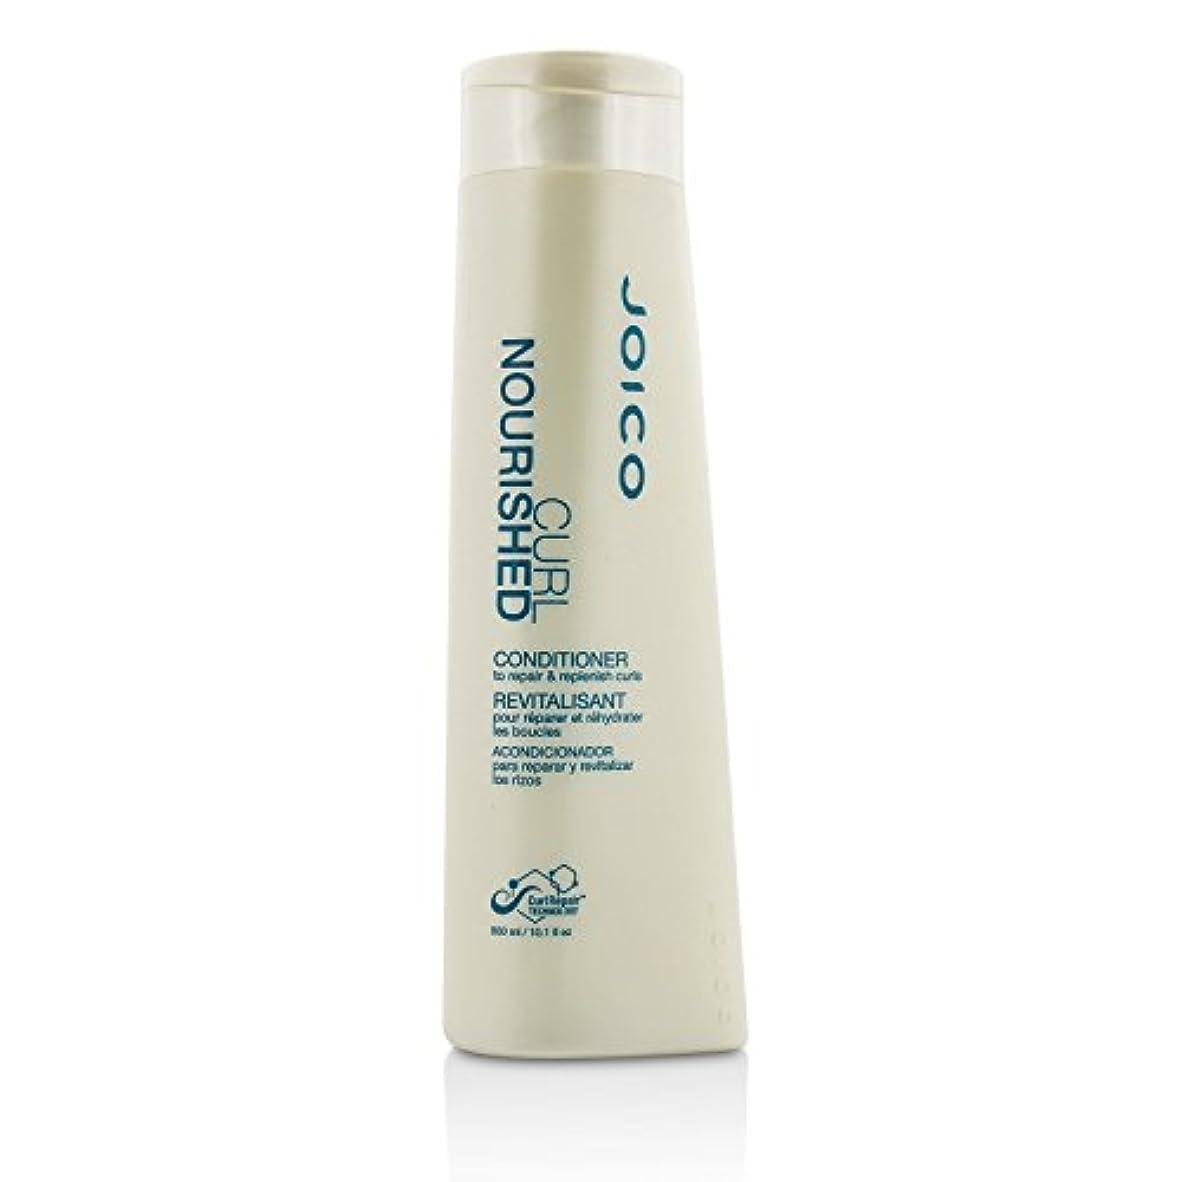 毛布フェードサンダージョイコ Curl Nourished Conditioner (To Repair & Nourish Curls) 300ml/10.1oz並行輸入品